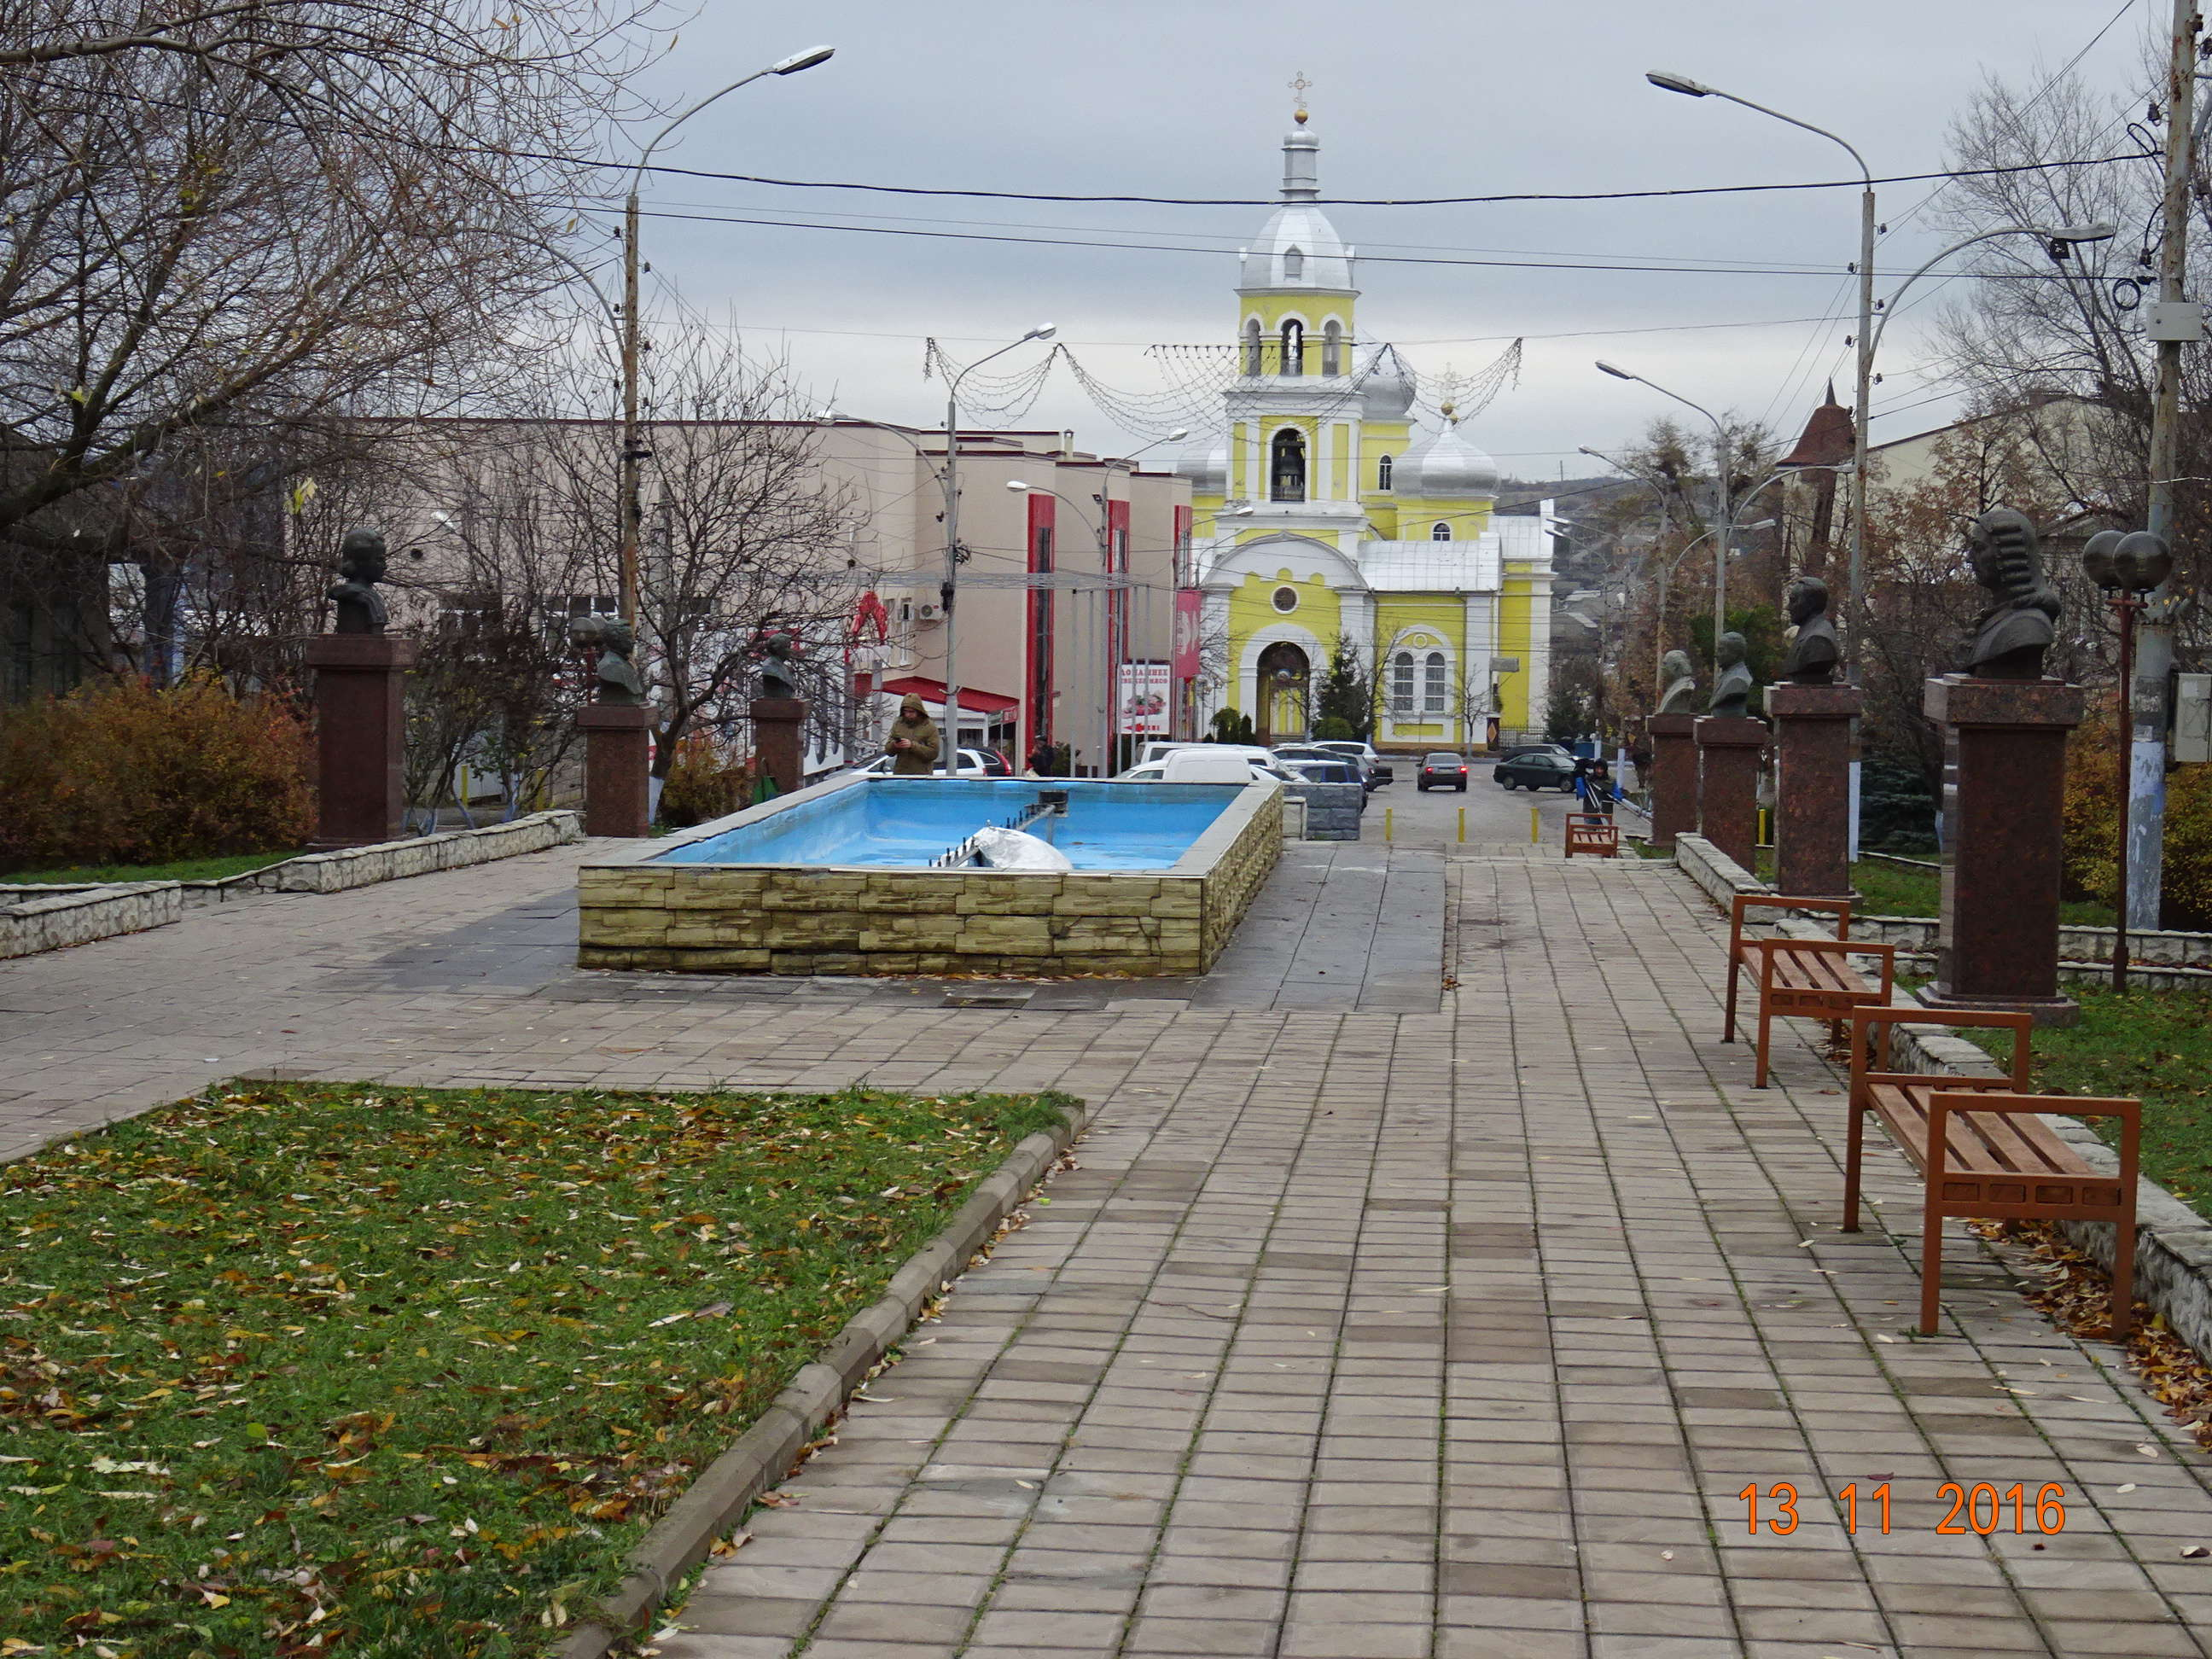 Catedrală ortodoxă din Comrat e o mărturie a creștinismului găgăuzilor care coexistă cu nostalgia pentru URSS